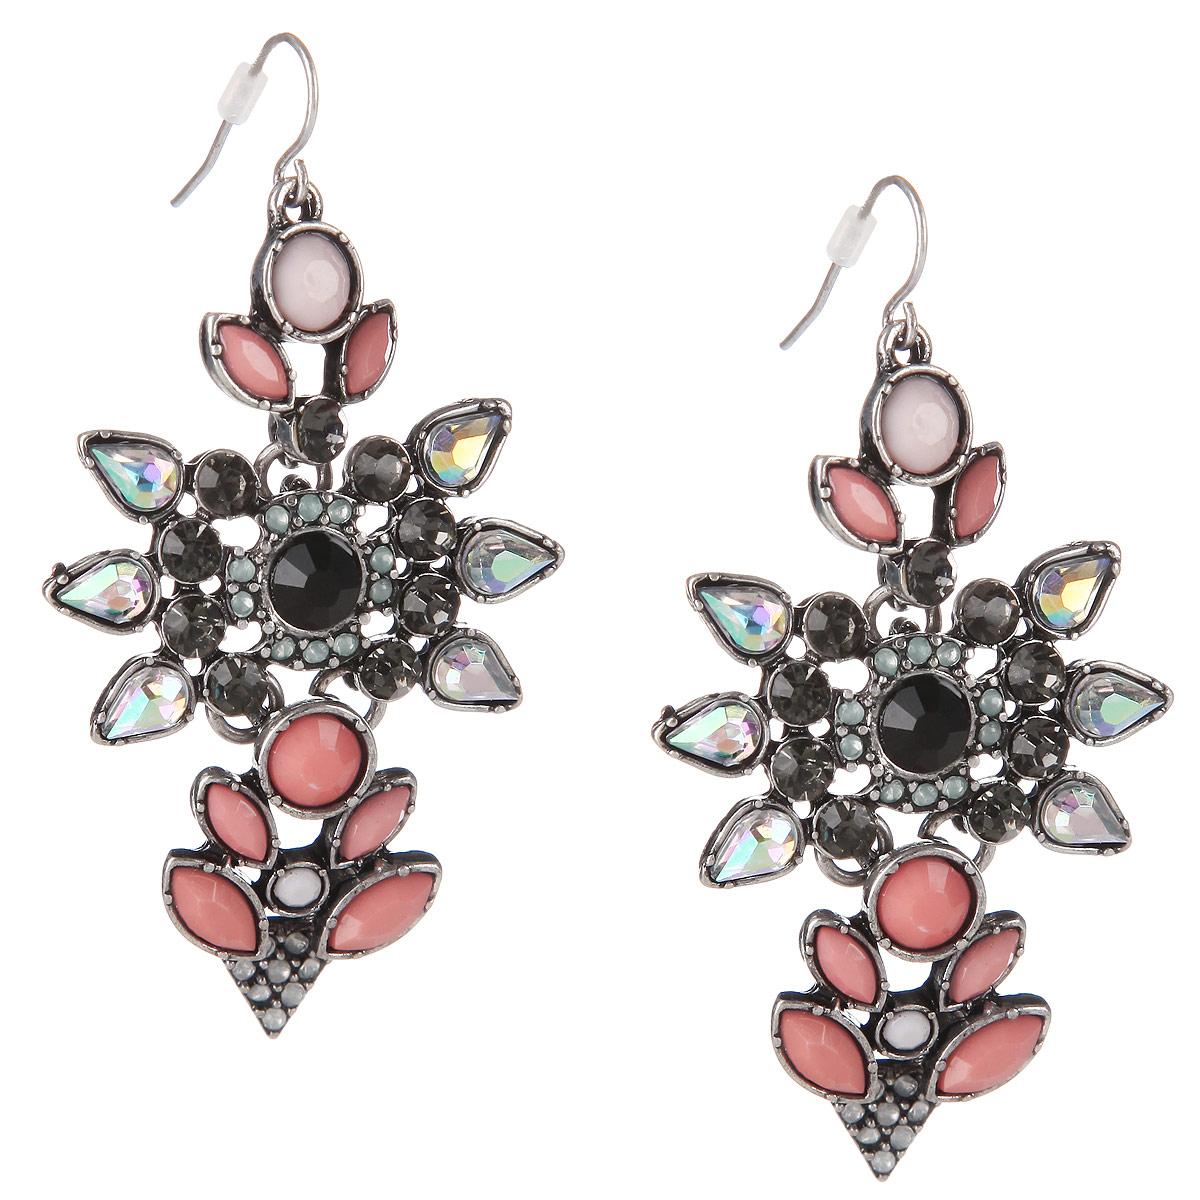 Серьги Milana Style, цвет: серебряный, розовый. 00482ed00482edОчаровательные сережки Milana Style не оставят равнодушной ни одну любительницу модных аксессуаров. Они изготовлены из высококачественного бижутерного сплава, украшены искусственными камнями розового цвета и сверкающими стразами. Изделие застегивается с помощью пластиковых заглушек. Благодаря изящному дизайну и лаконичному сочетанию цветов, серьги идеально подойдут как для повседневного образа, так и для вечернего наряда. Отличительные особенности бижутерии Taya- гармоничное сочетание исключительного качества, доступной цены и прекрасно узнаваемого авторского дизайна. Тщательно продуманная дизайнерами форма украшения сделает ваш образ ярче и индивидуальнее. Серьги, колье и кольца бренда Taya и Taya LX украсят любое вечернее платье, дополнят деловой образ и создадут настроение на вечеринке.